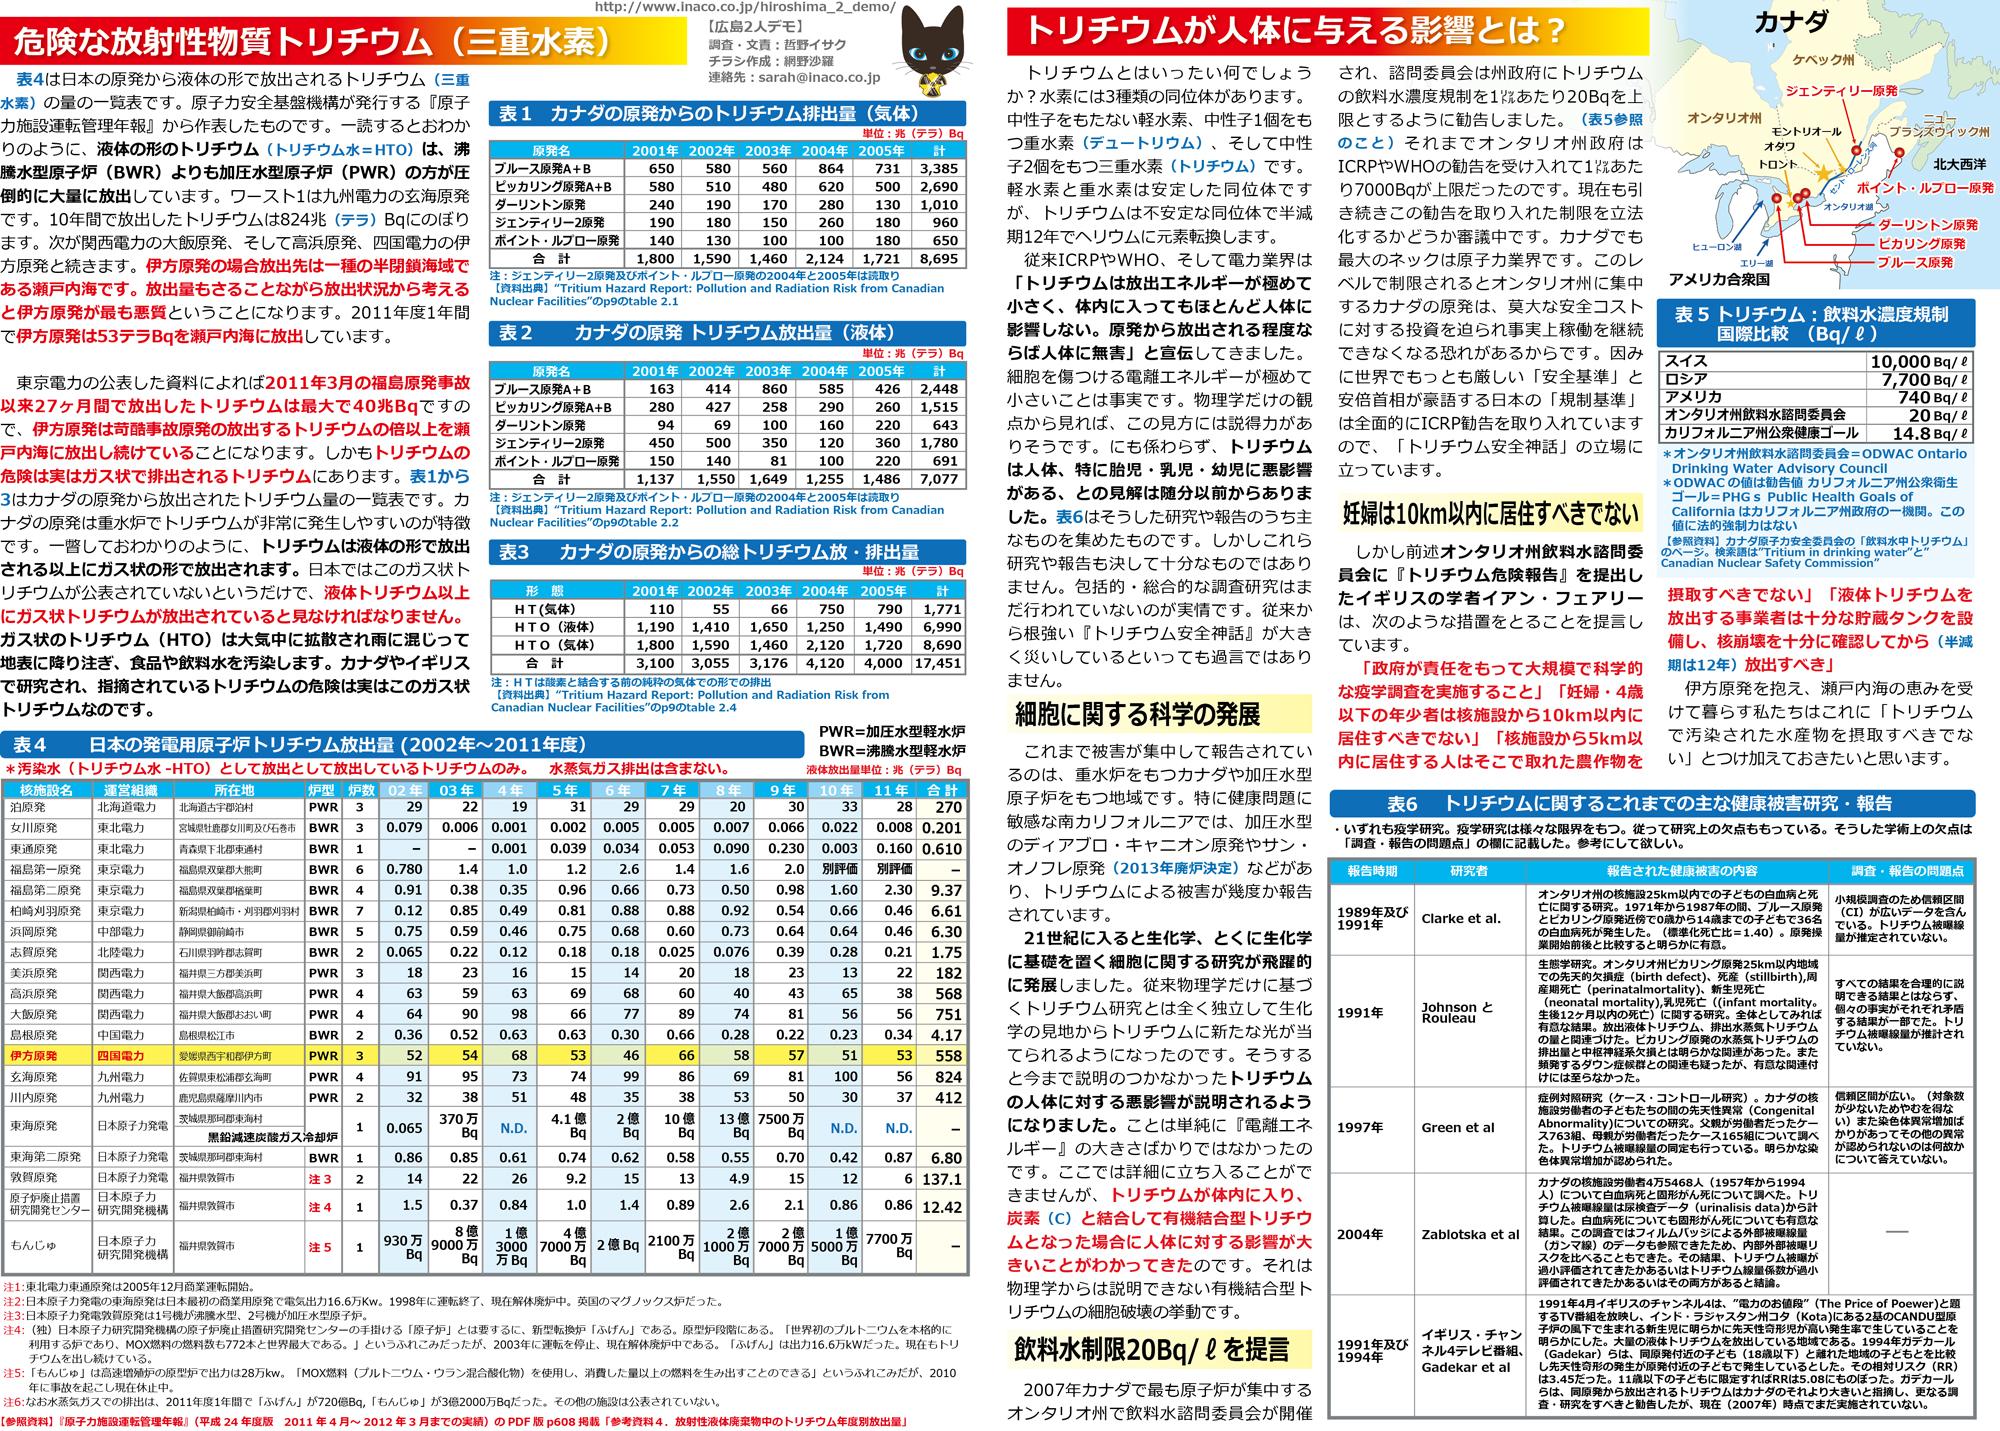 ファイル 209-3.jpg